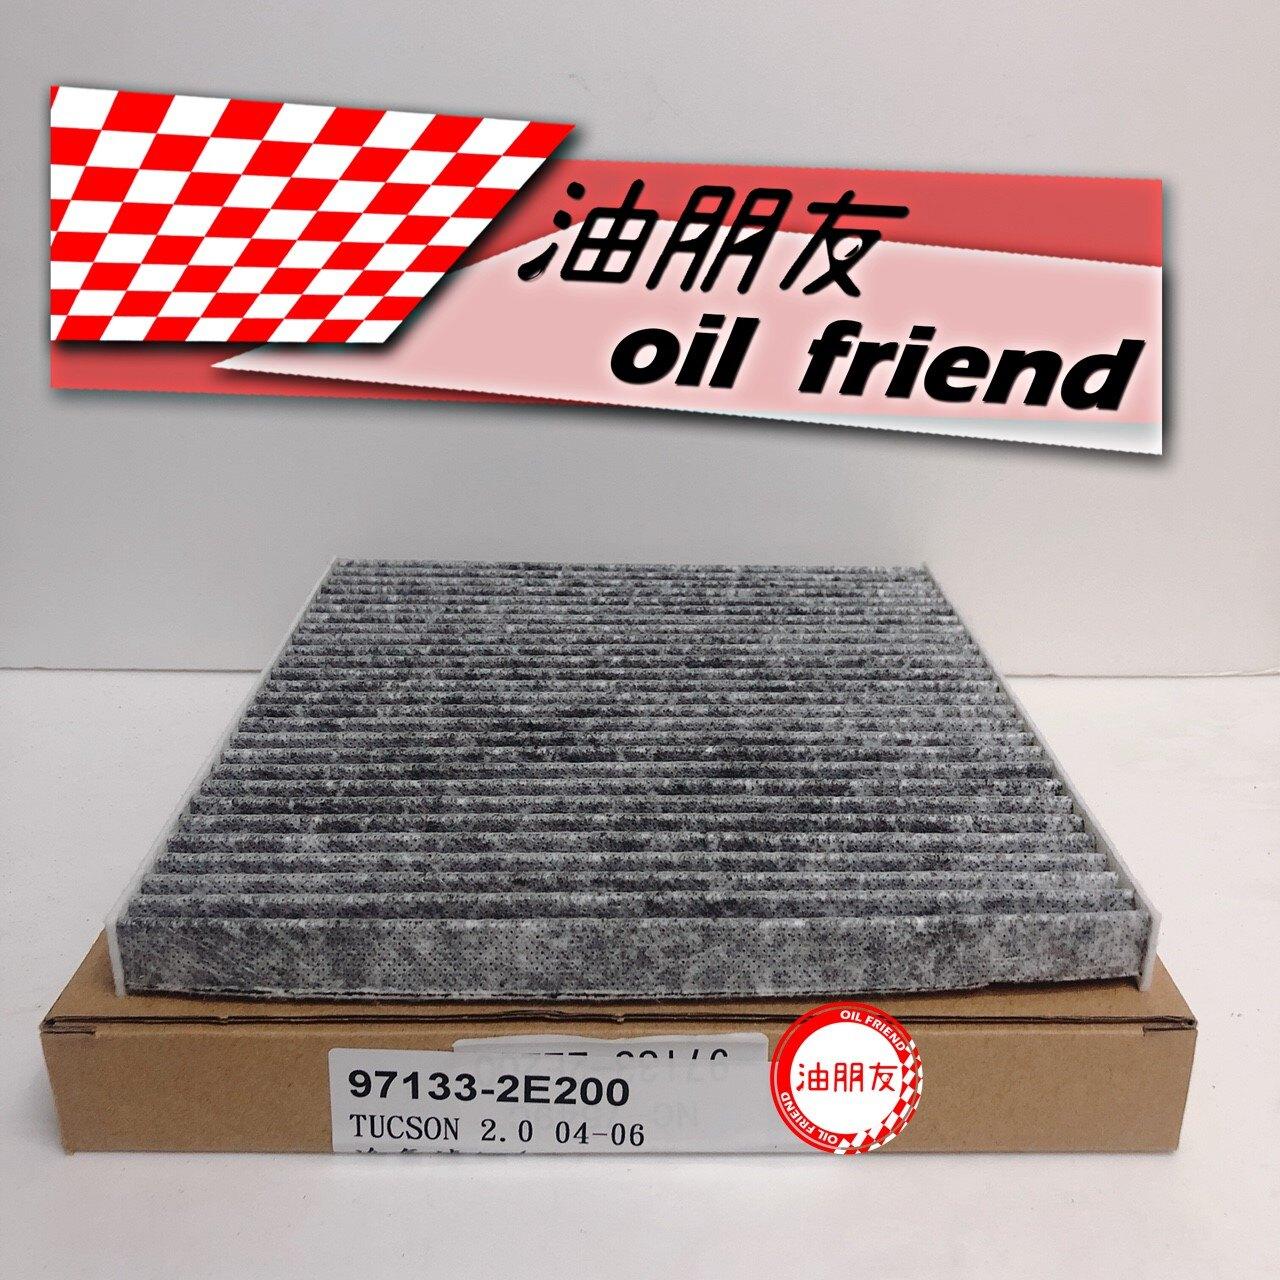 -油朋友- 現代 TUCSON 2.0 04-06 活性碳 汽油車 冷氣濾網 冷氣濾芯 冷氣芯